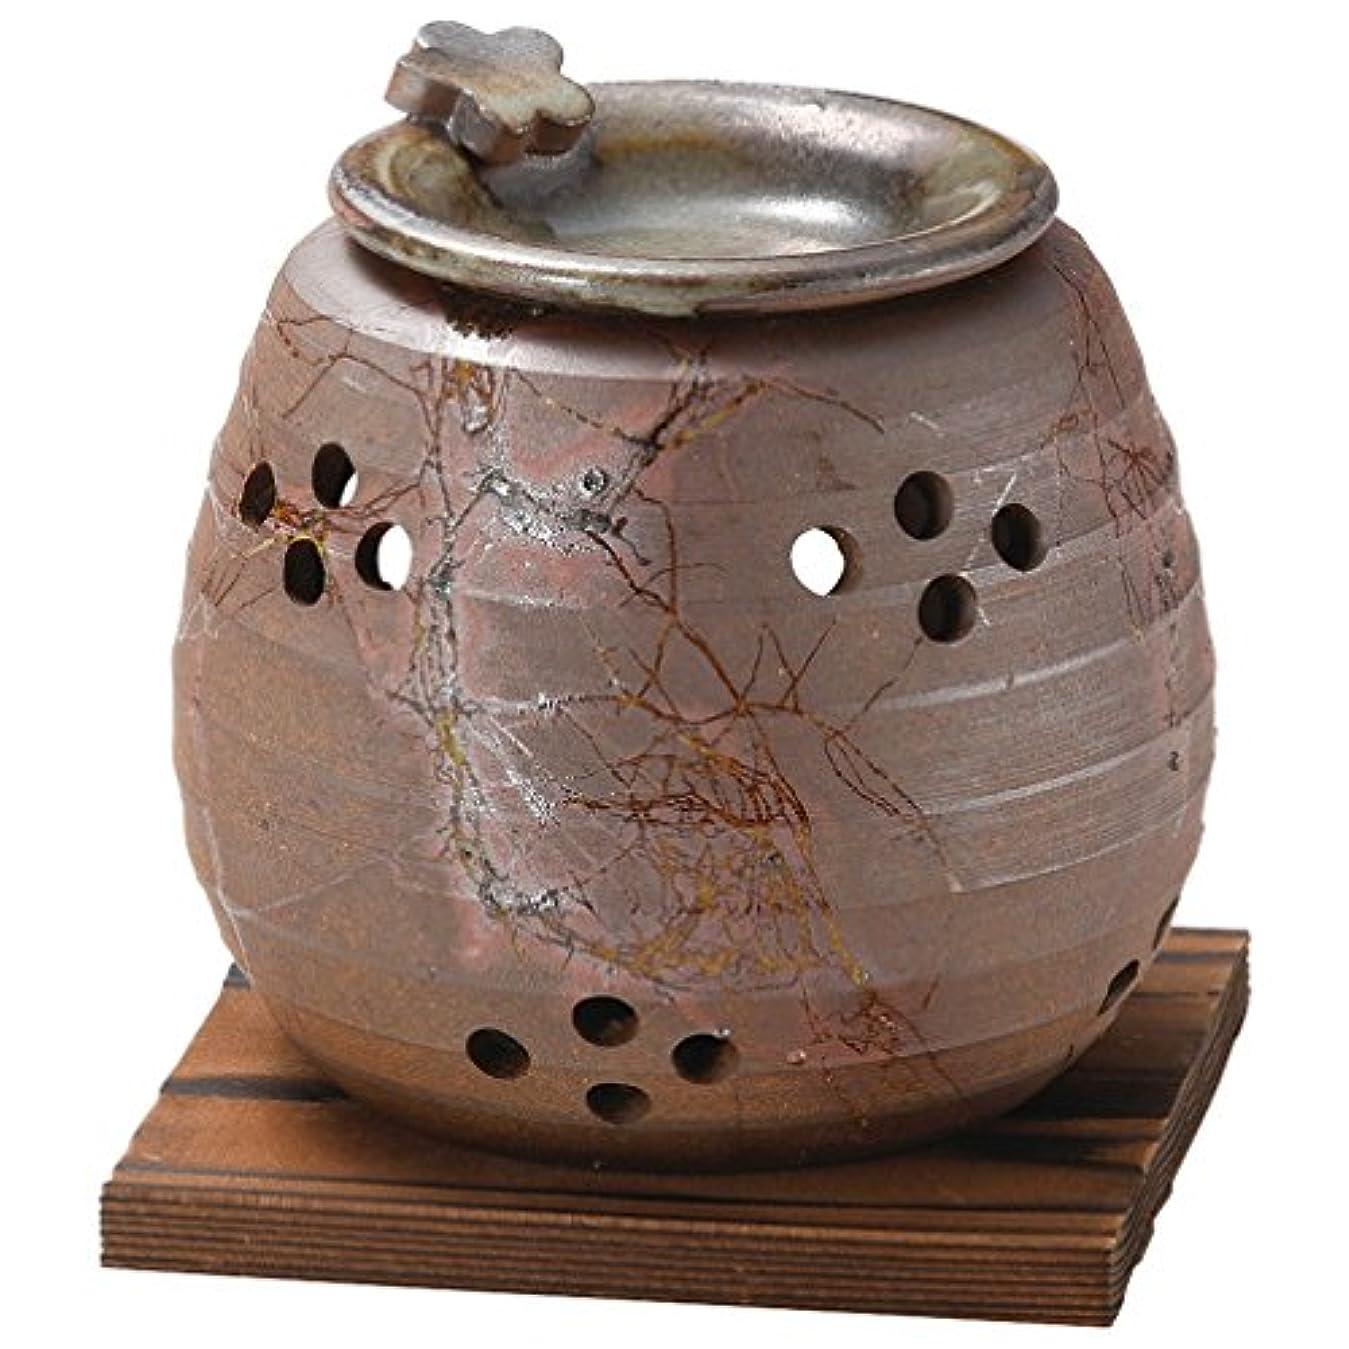 土曜日抹消事実上山下工芸 常滑焼 石龍焼〆藻掛茶香炉 12.5×11×11cm 13045730